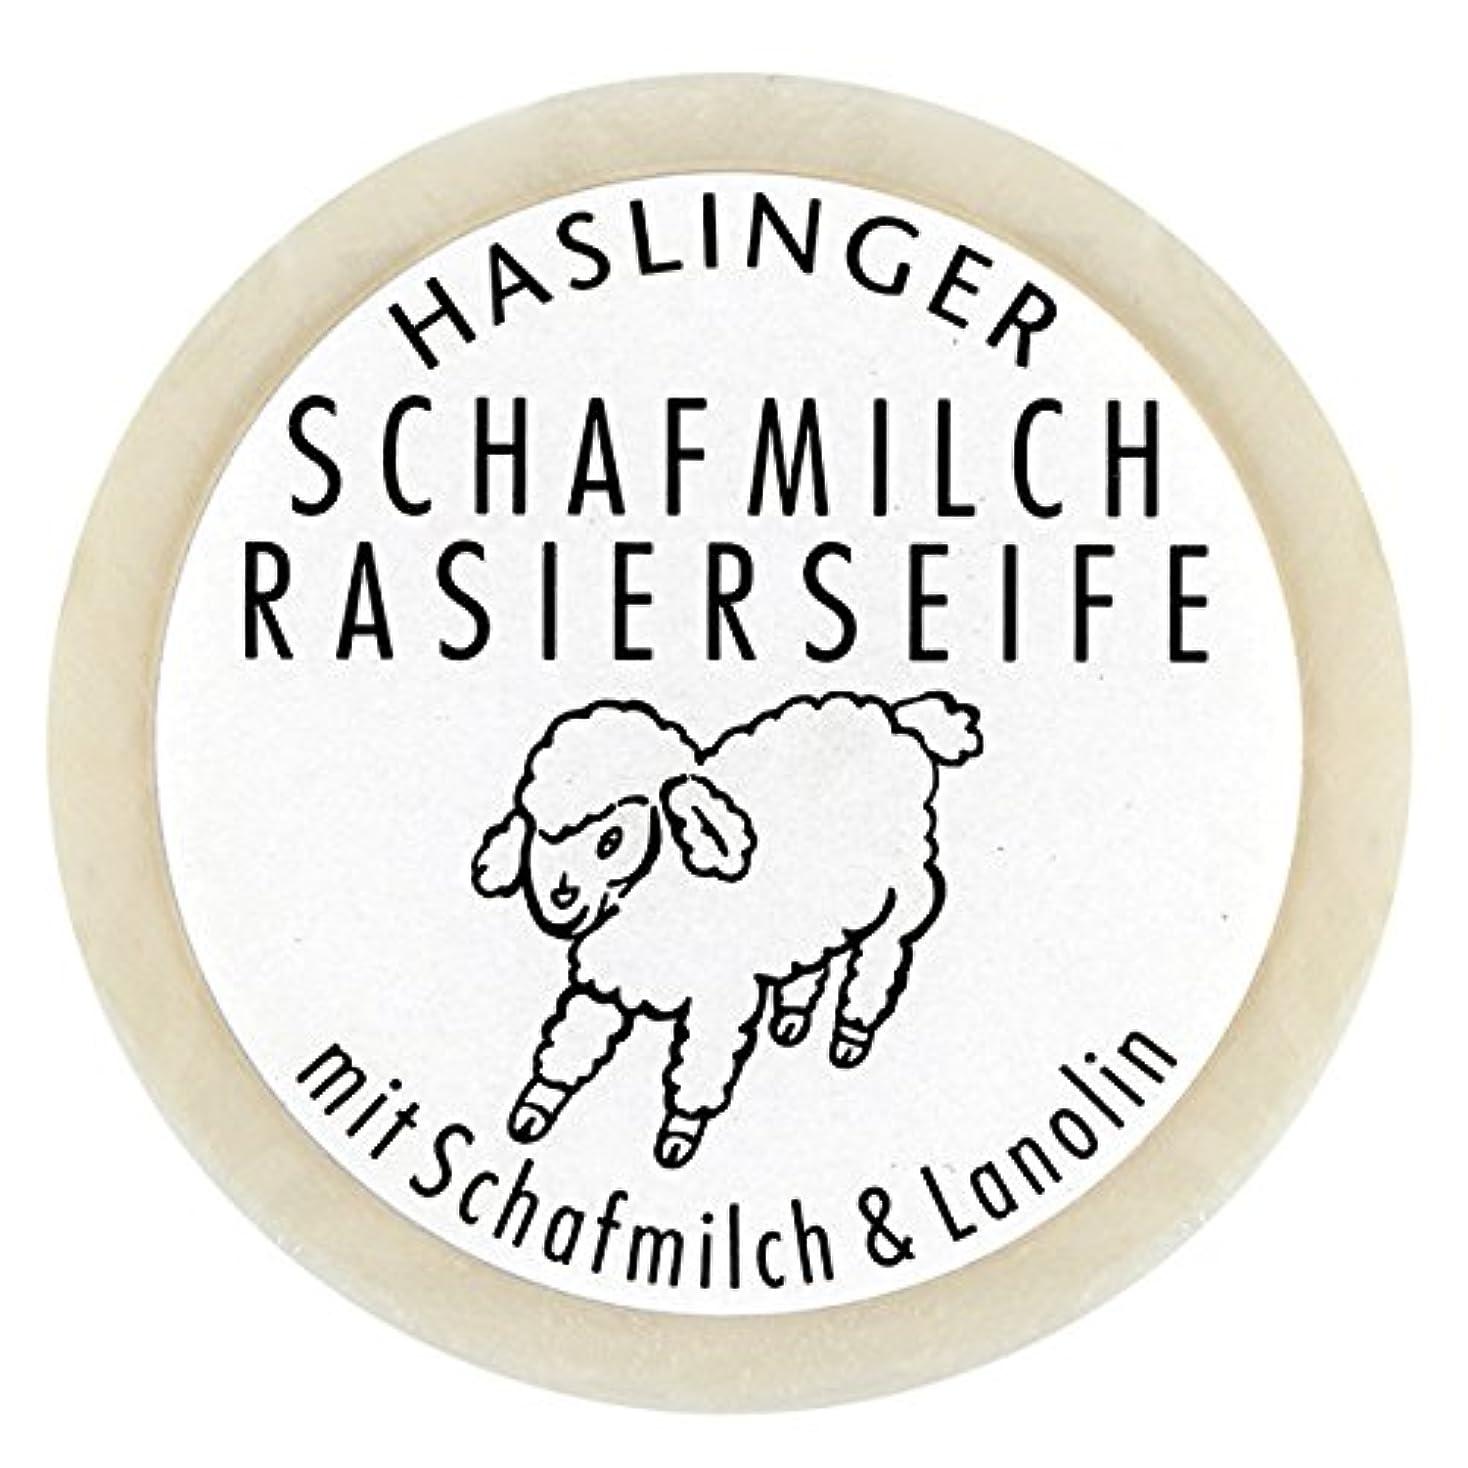 僕の塩辛い輝度Schafmilch Rasierseife (Ewe`s Milk Shave Soap) 60g soap bar by Haslinger by Haslinger